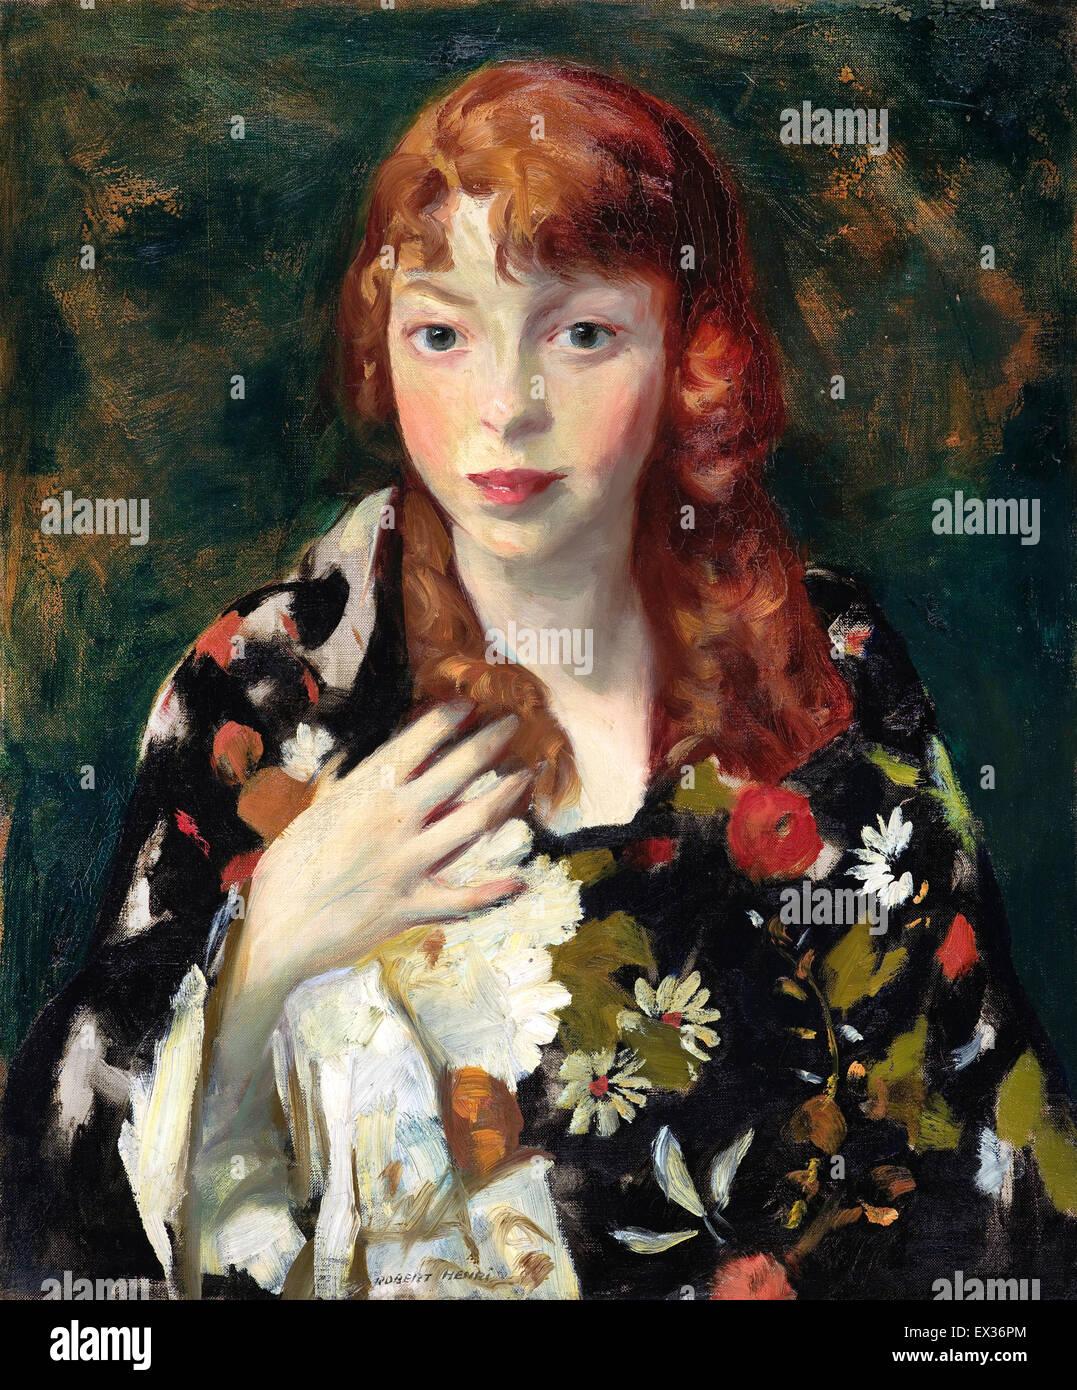 Robert Henri, Edna Smith in un giapponese Wrap. Circa 1915. Olio su tela. Indianapolis Museum of Art, STATI UNITI Immagini Stock